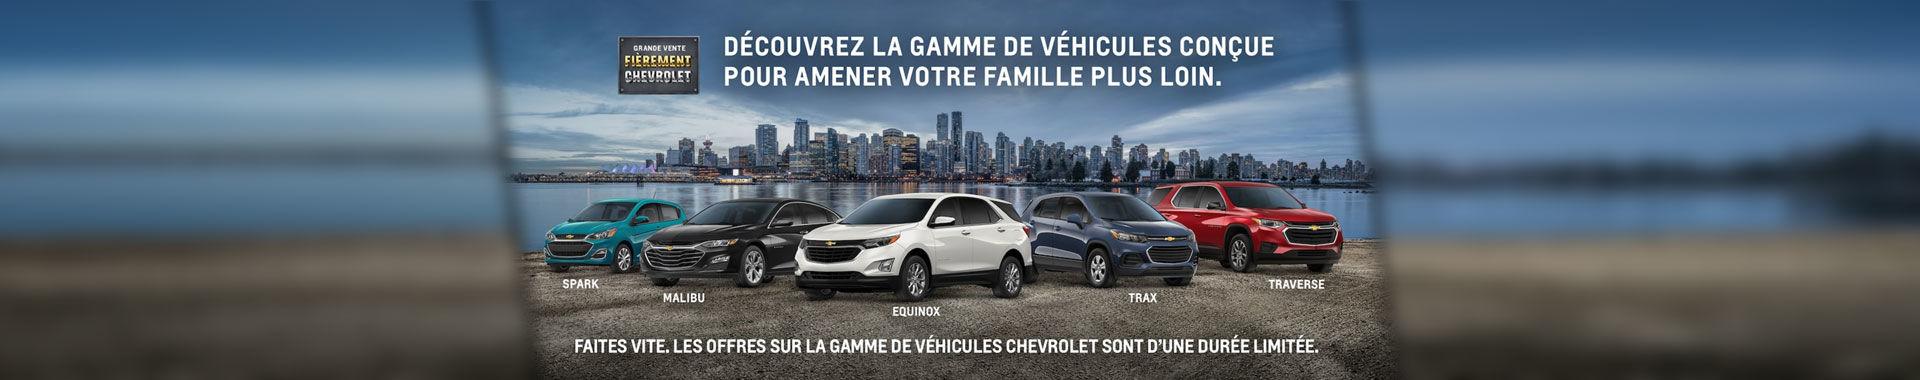 Fièrement Chevrolet